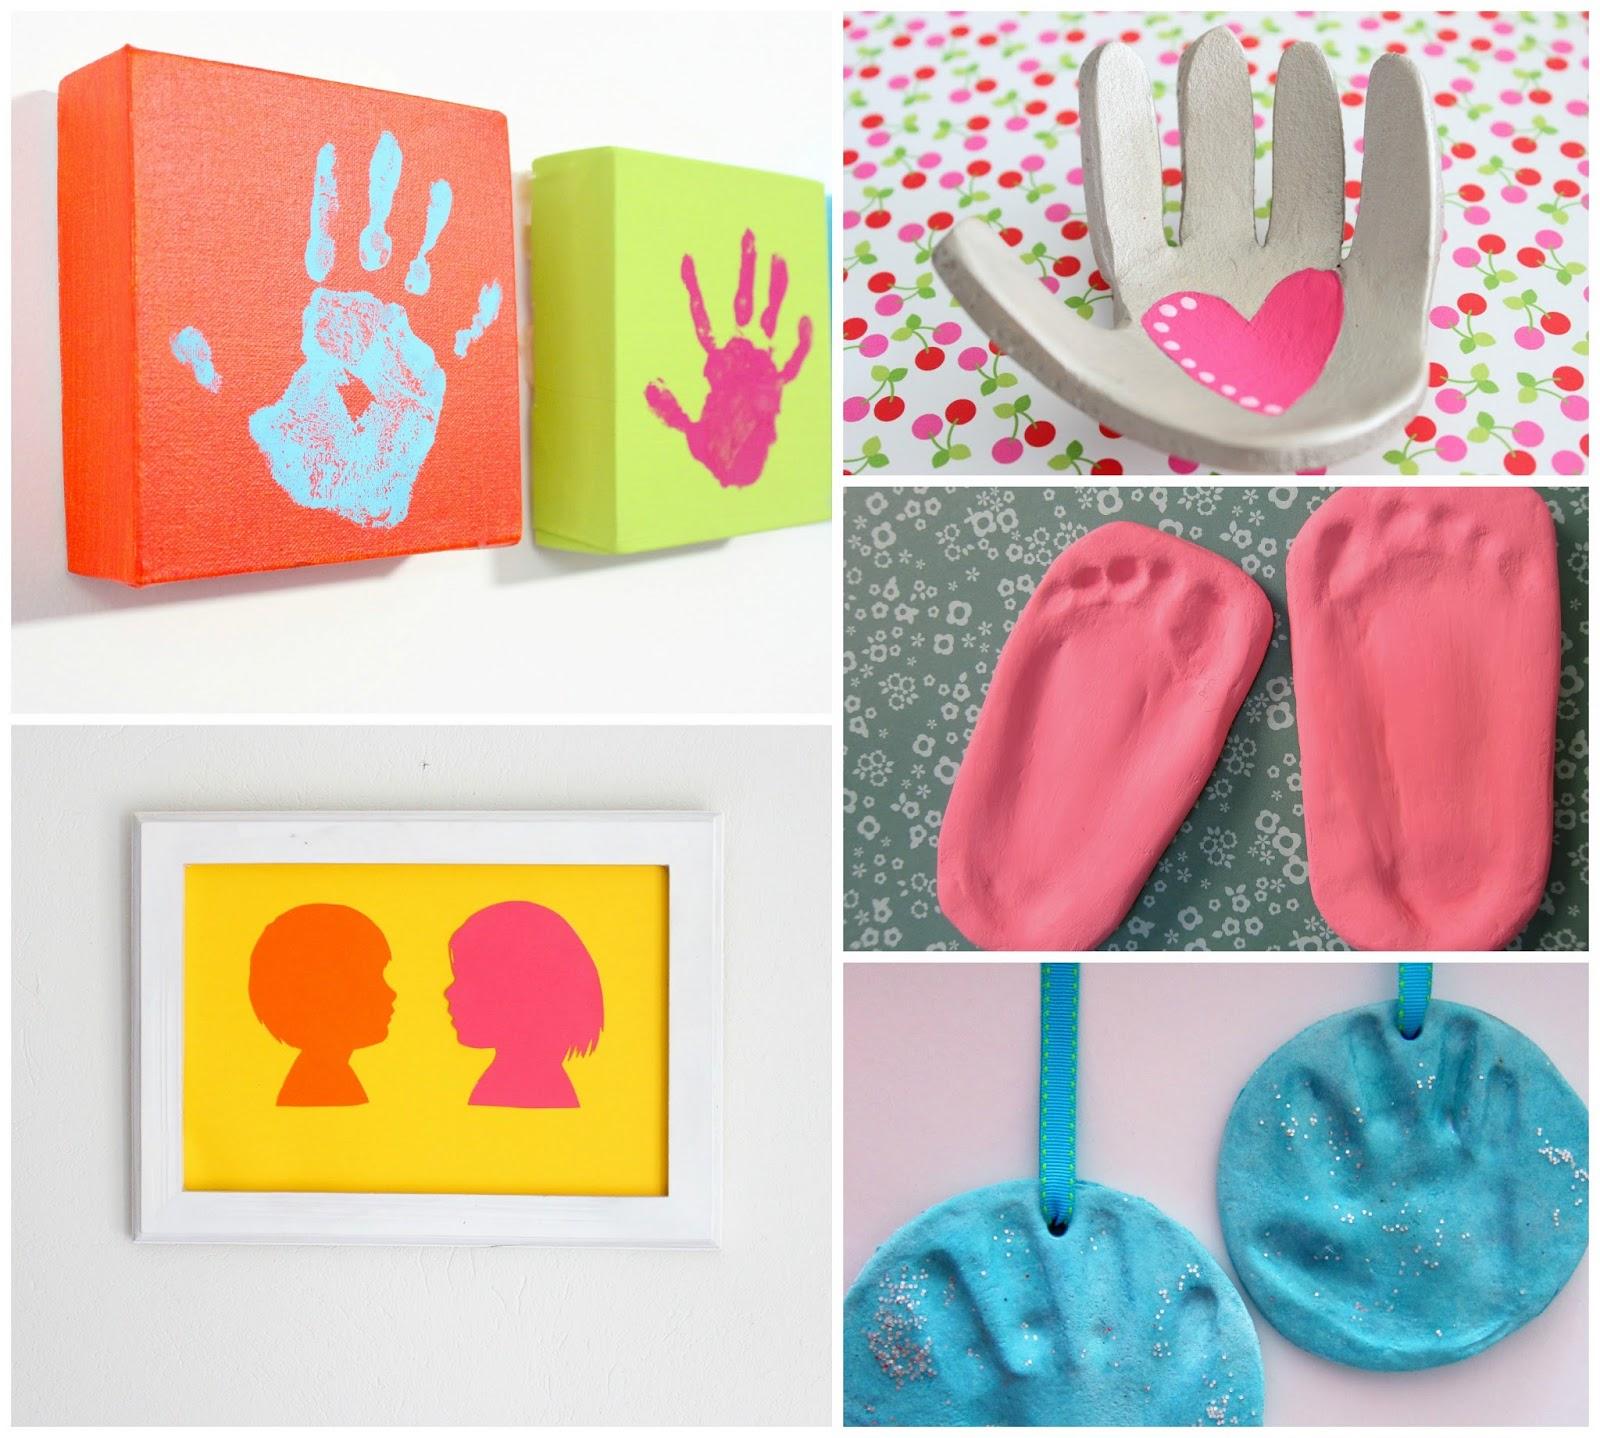 Nothing found for 2013 06 los mejores regalos para papa - Fotos originales para hacer en casa ...